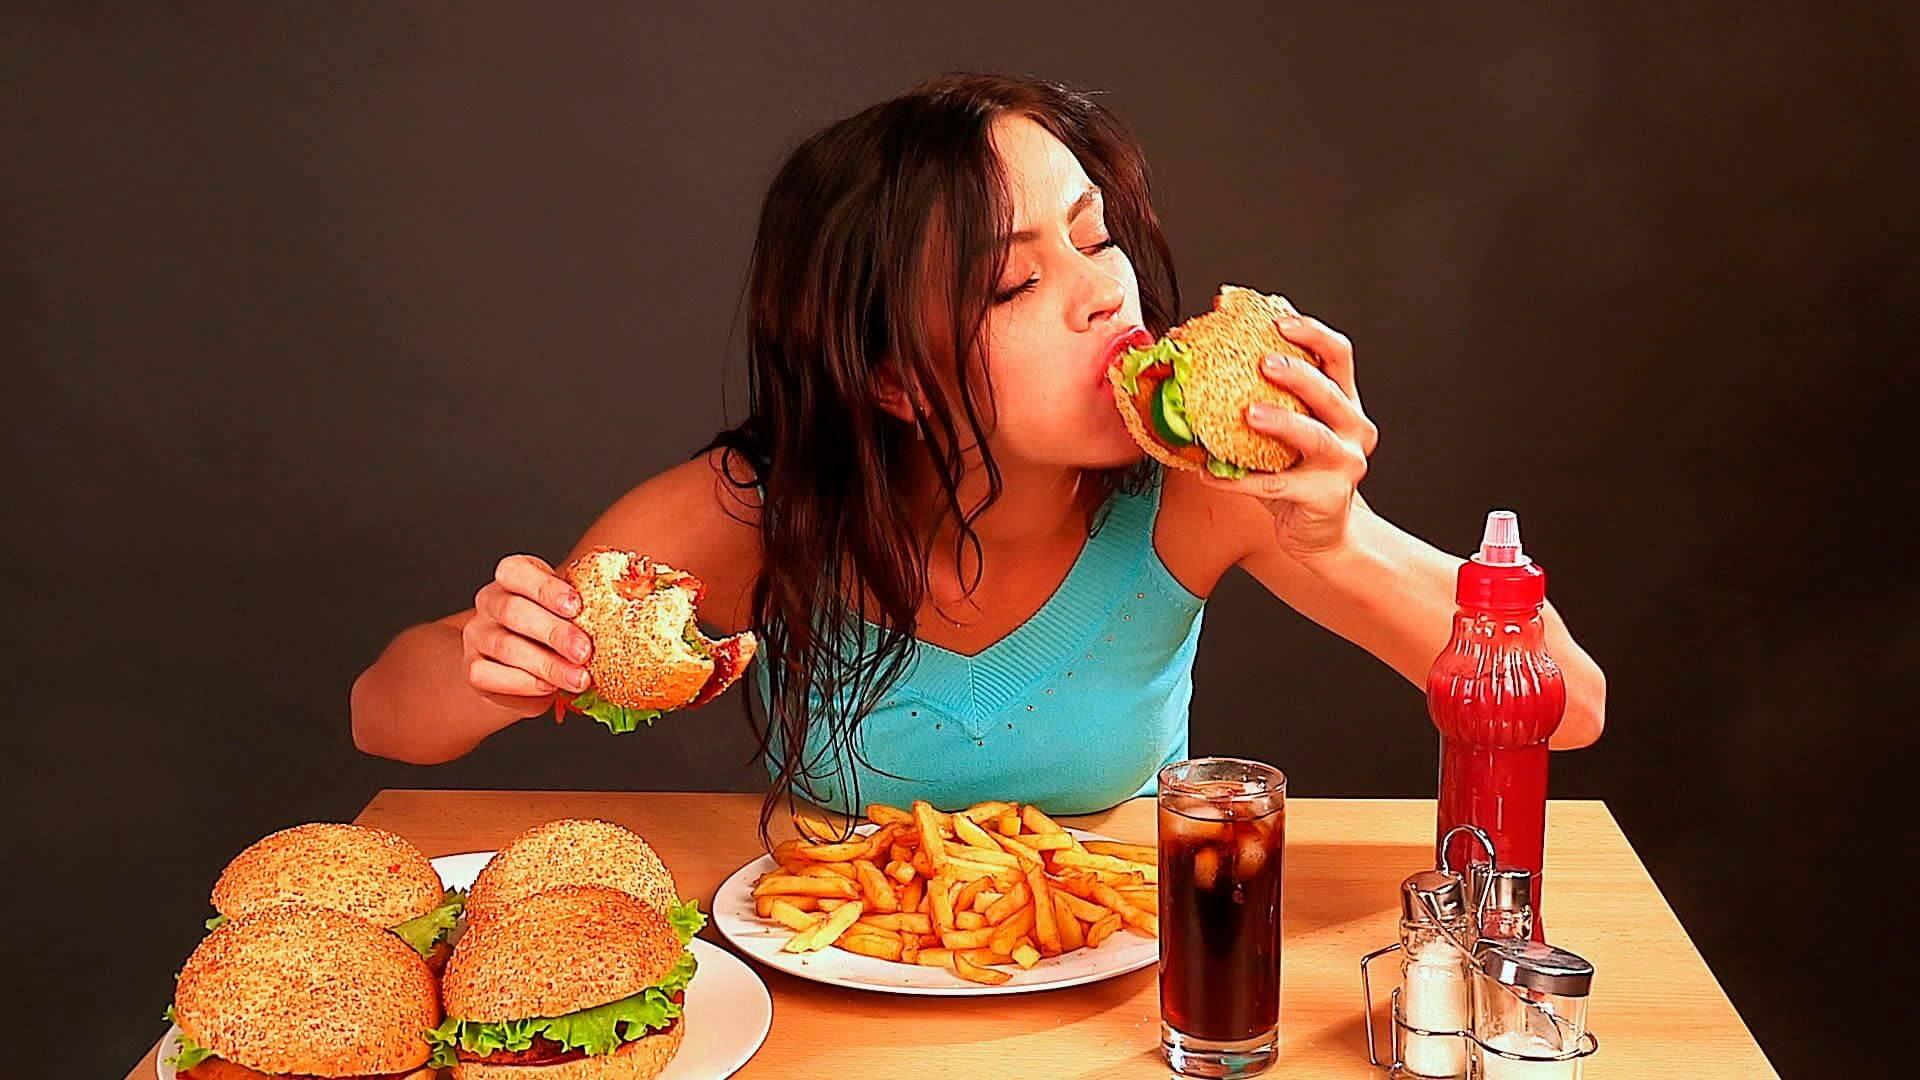 Ragazza mangia cibo da fast food